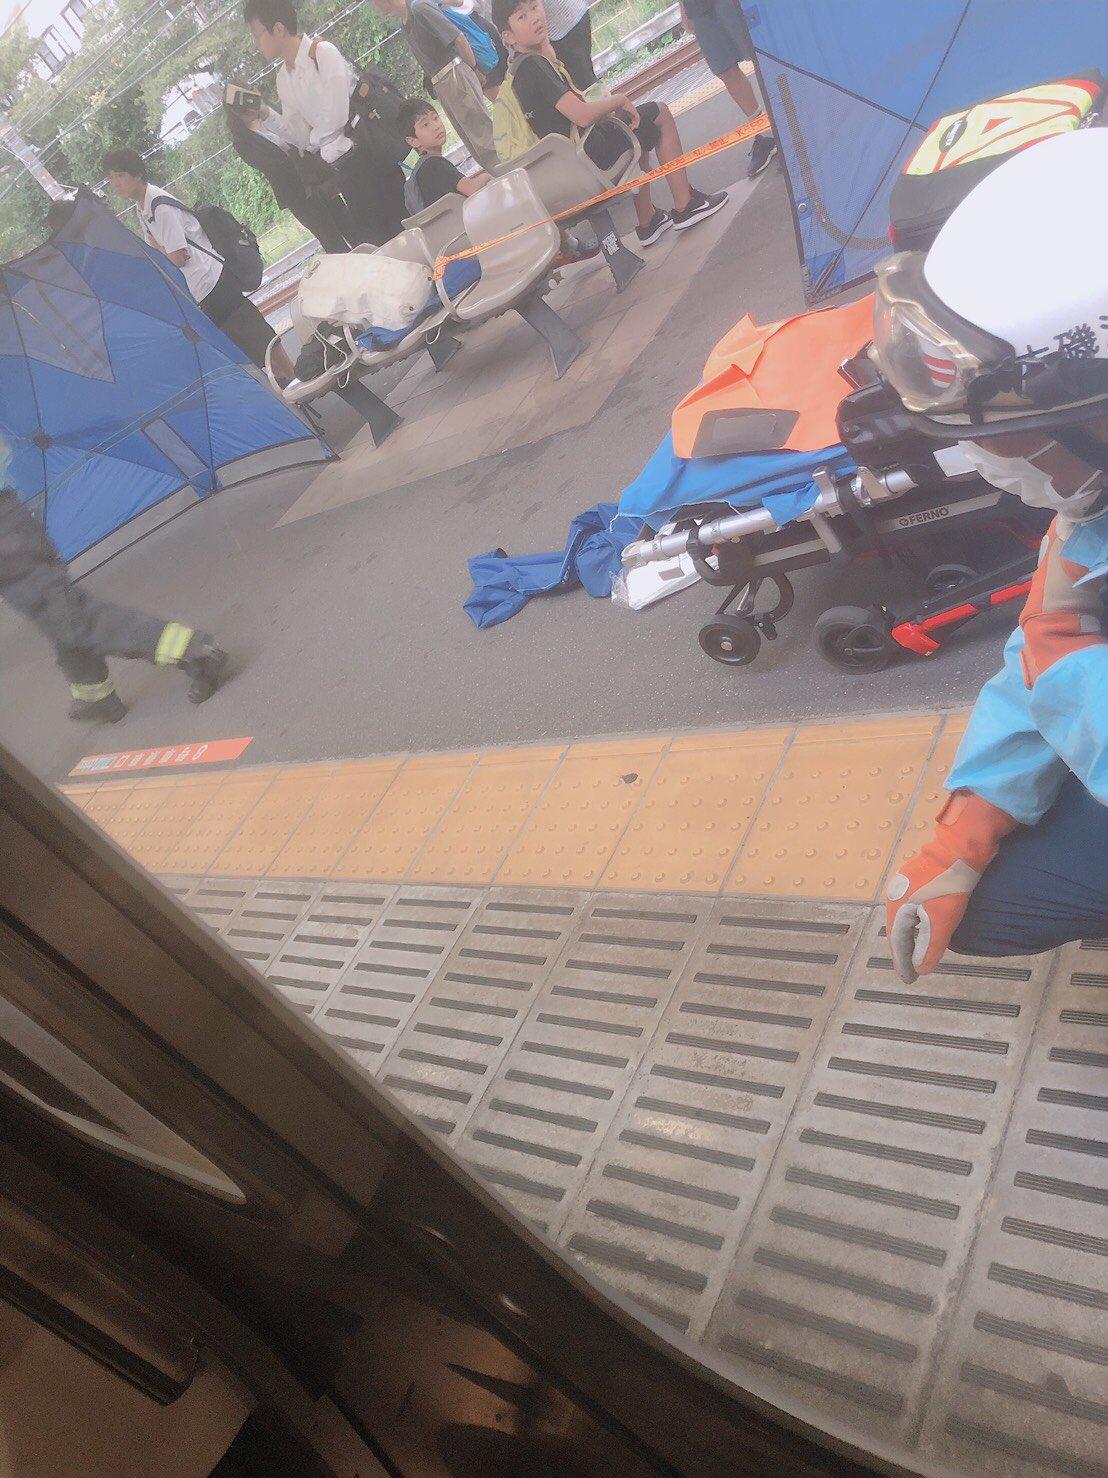 大磯駅で人身事故が起き救護活動している現場の画像